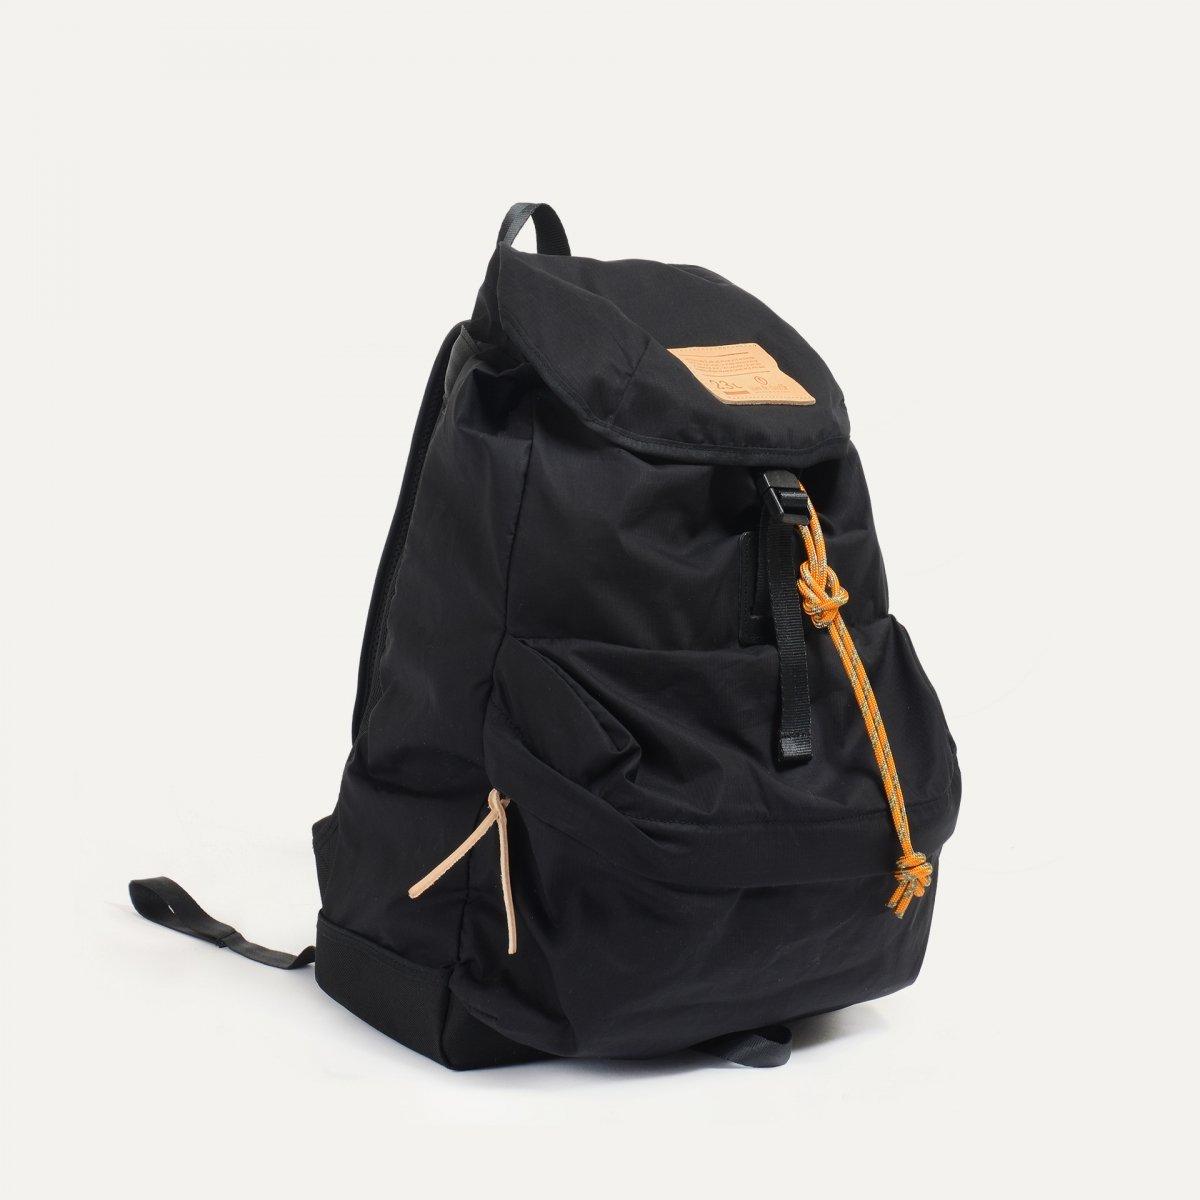 23L Bayou Backpack - Black (image n°2)